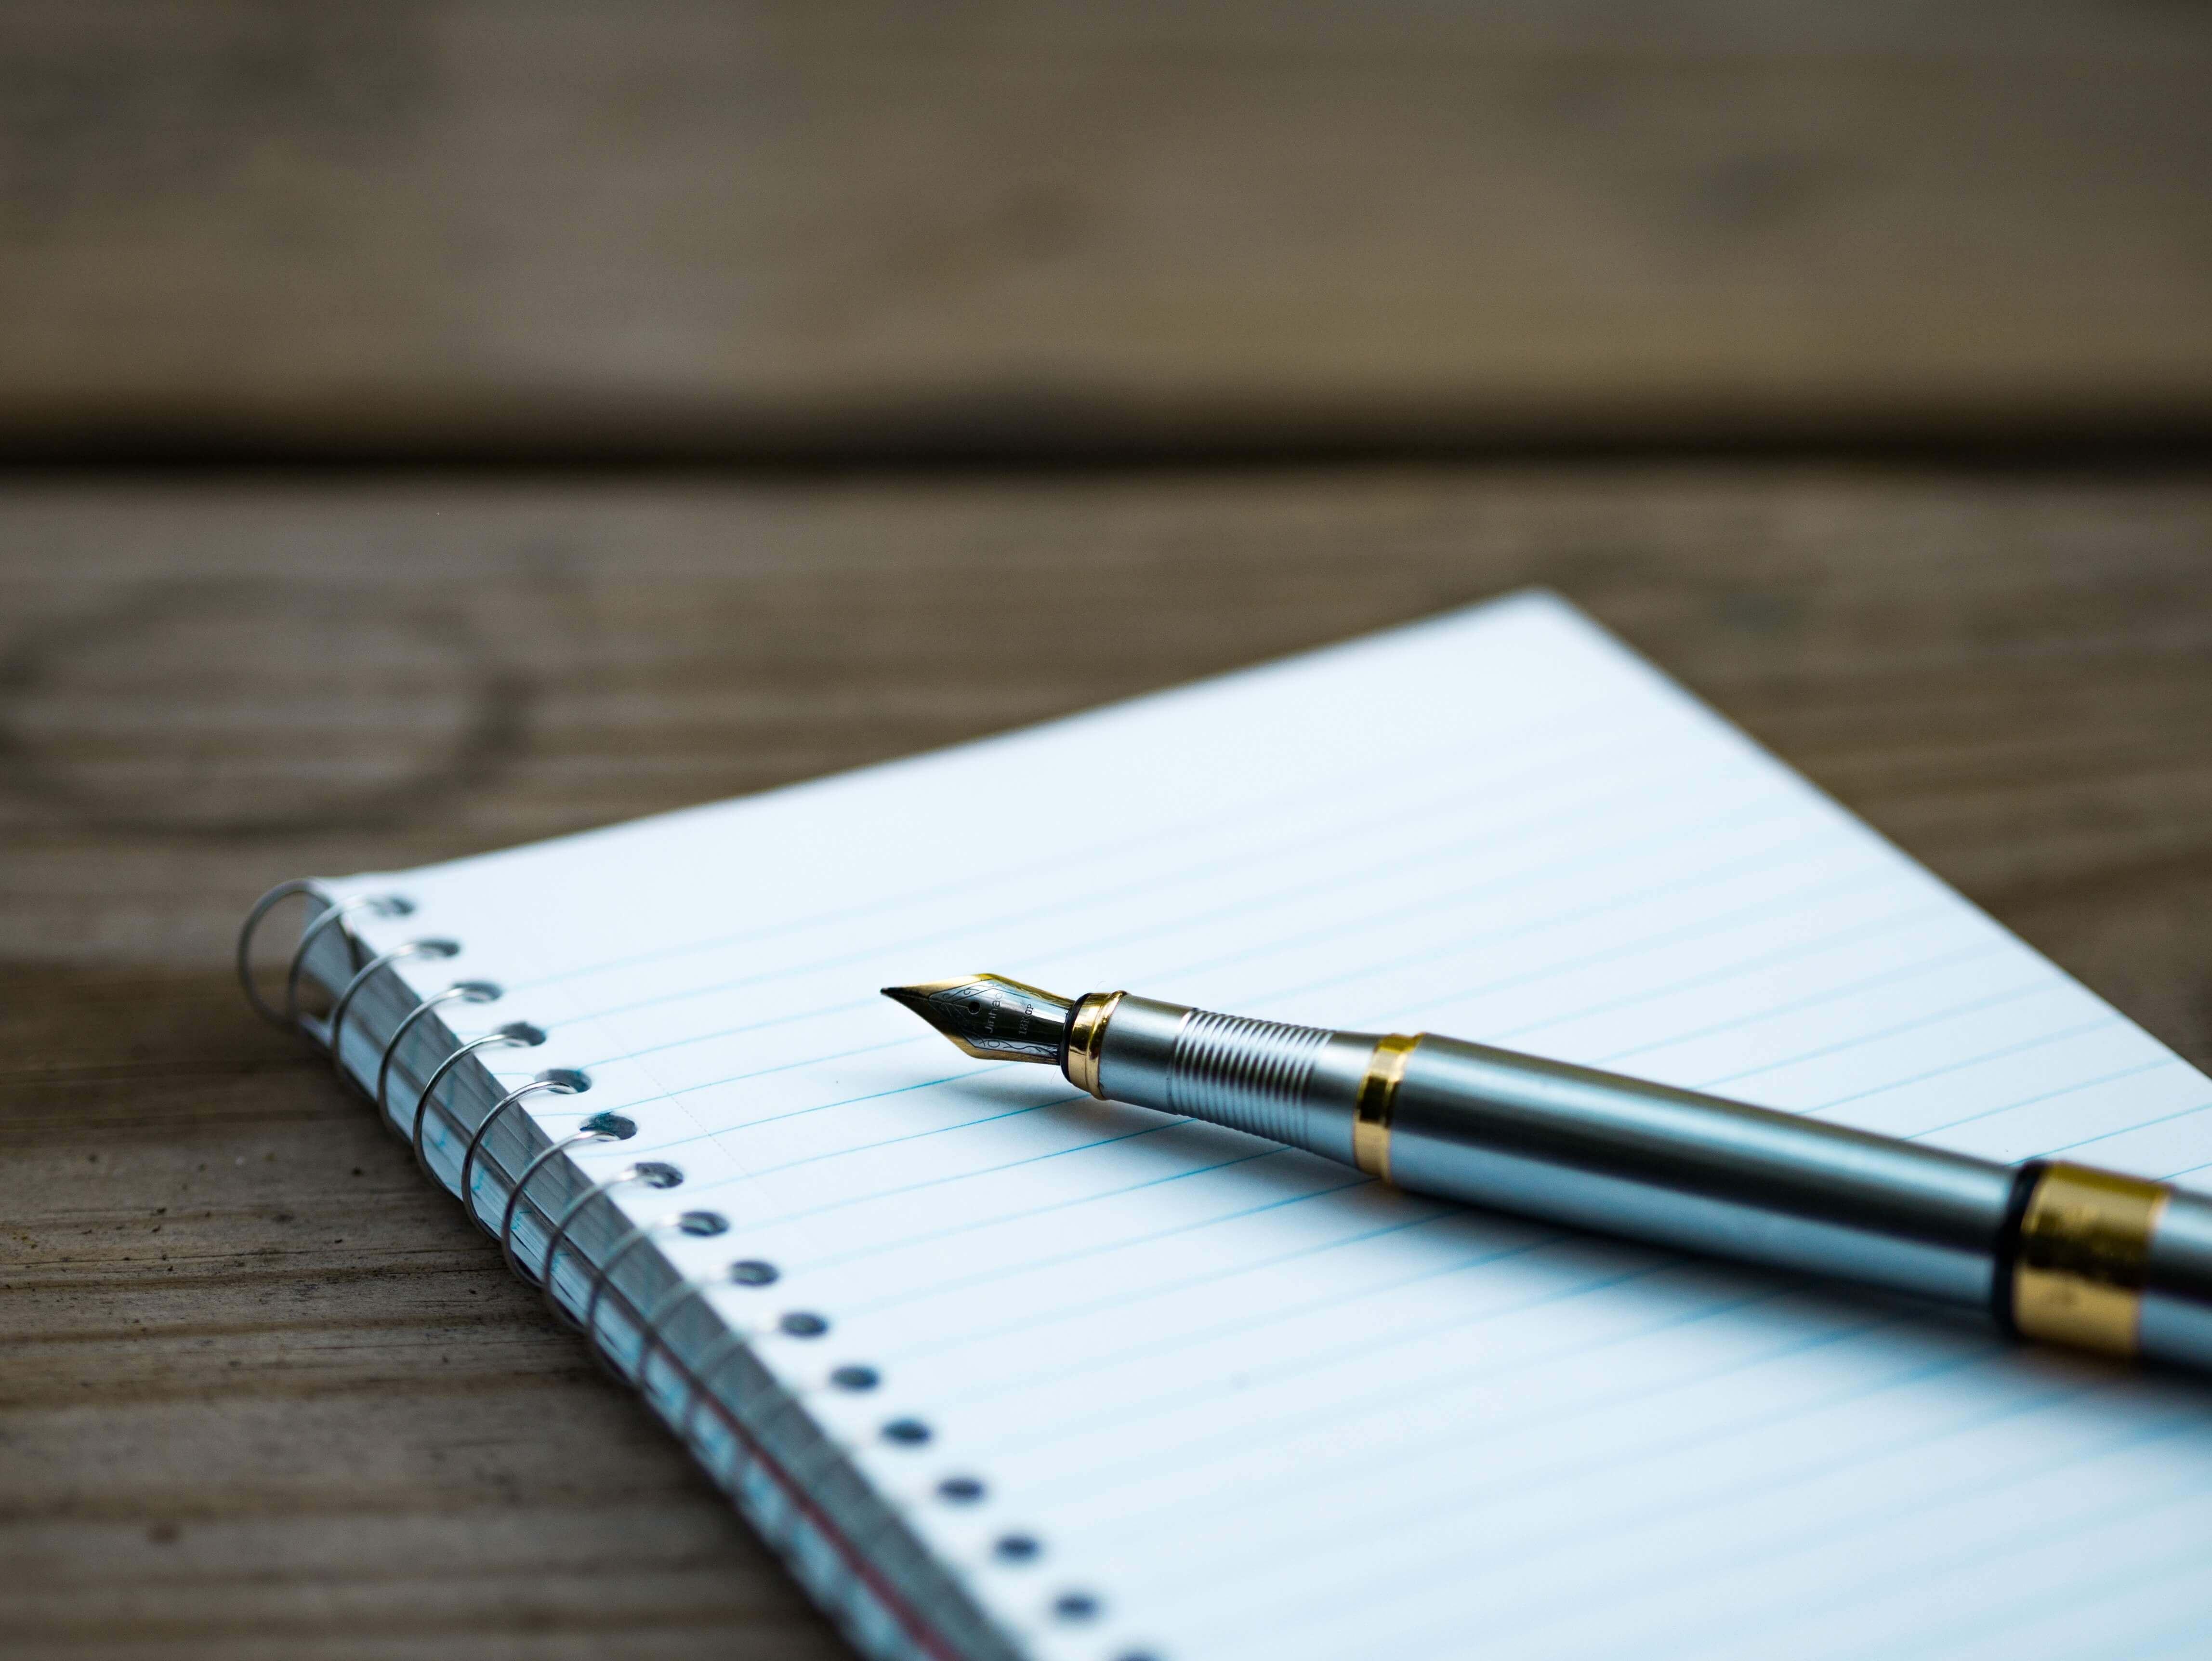 Ben jij op zoek naar schrijfinspiratie?